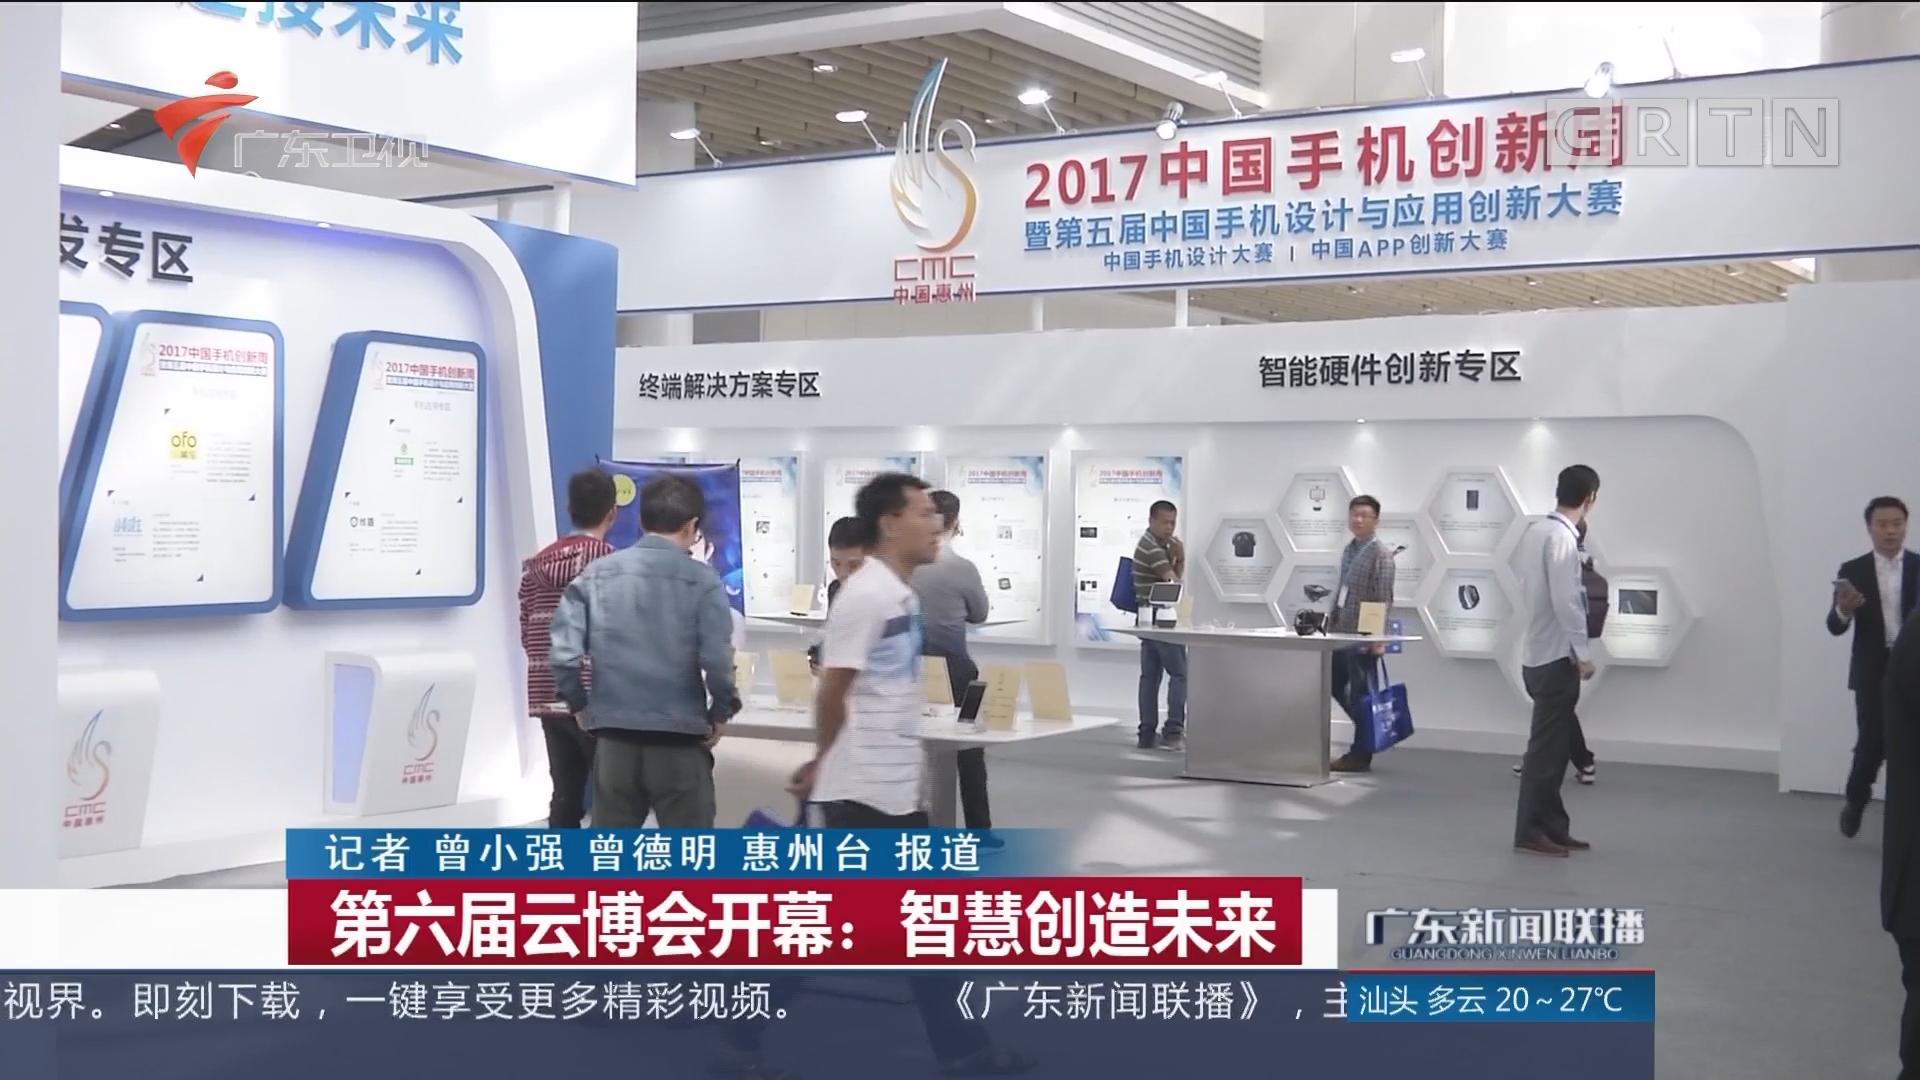 第六届云博会开幕:智慧创造未来